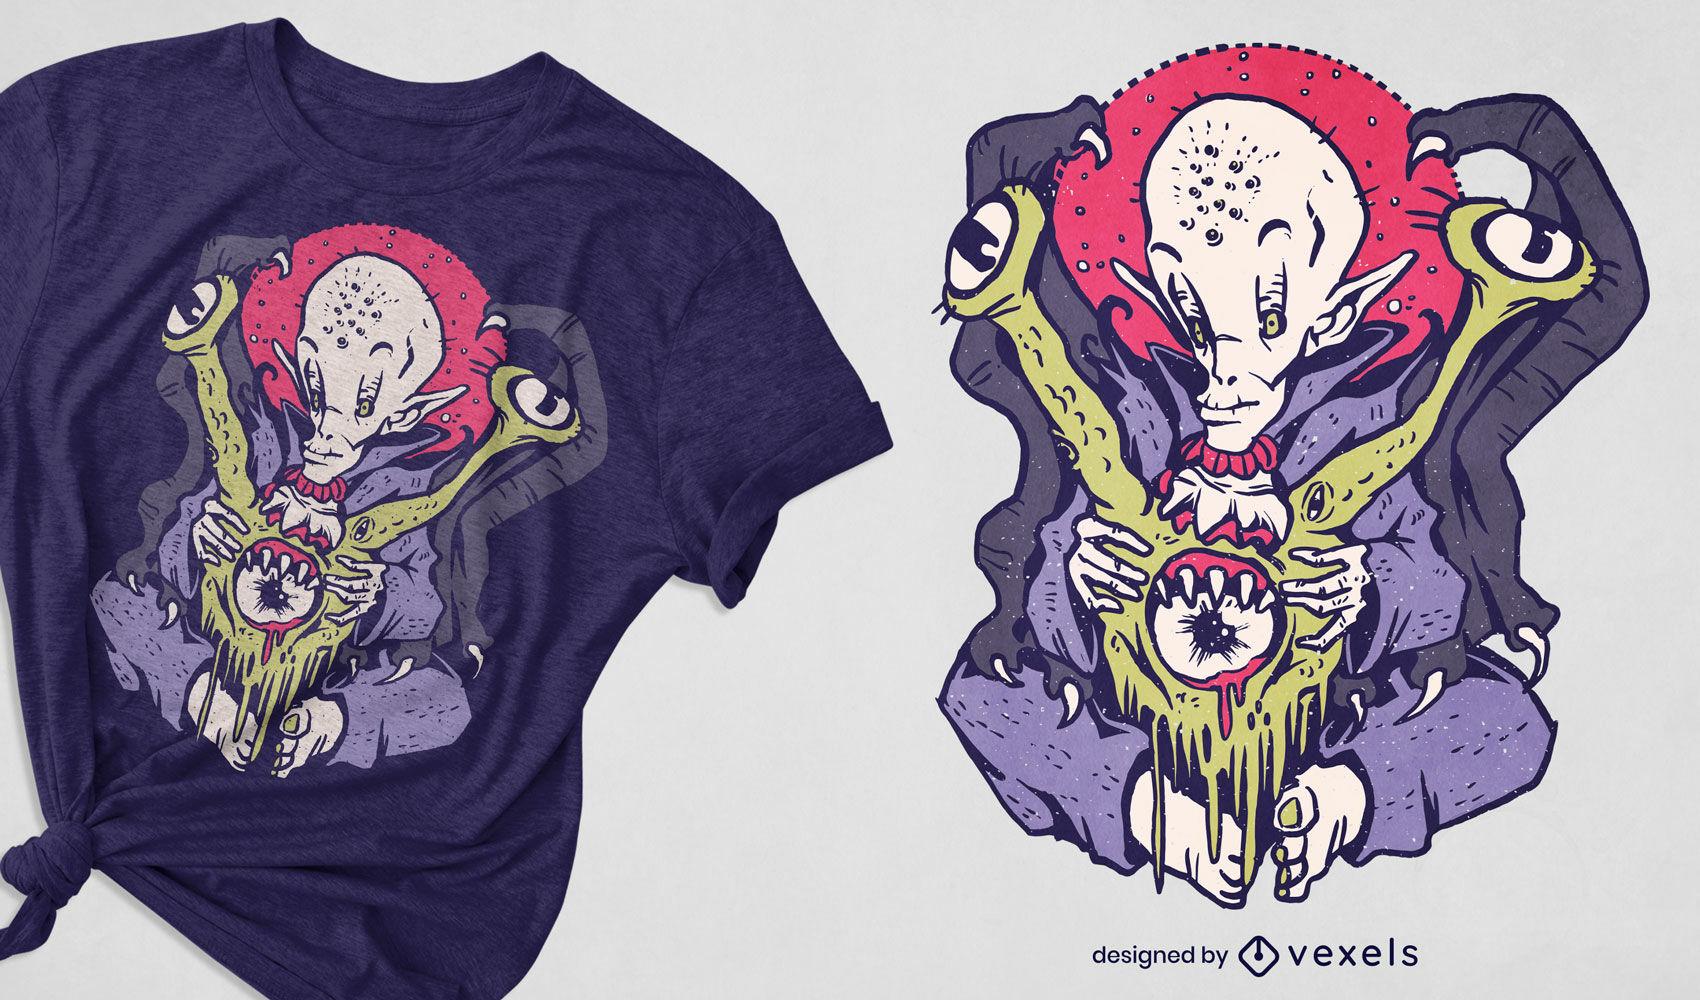 Vampire alien monster t-shirt design